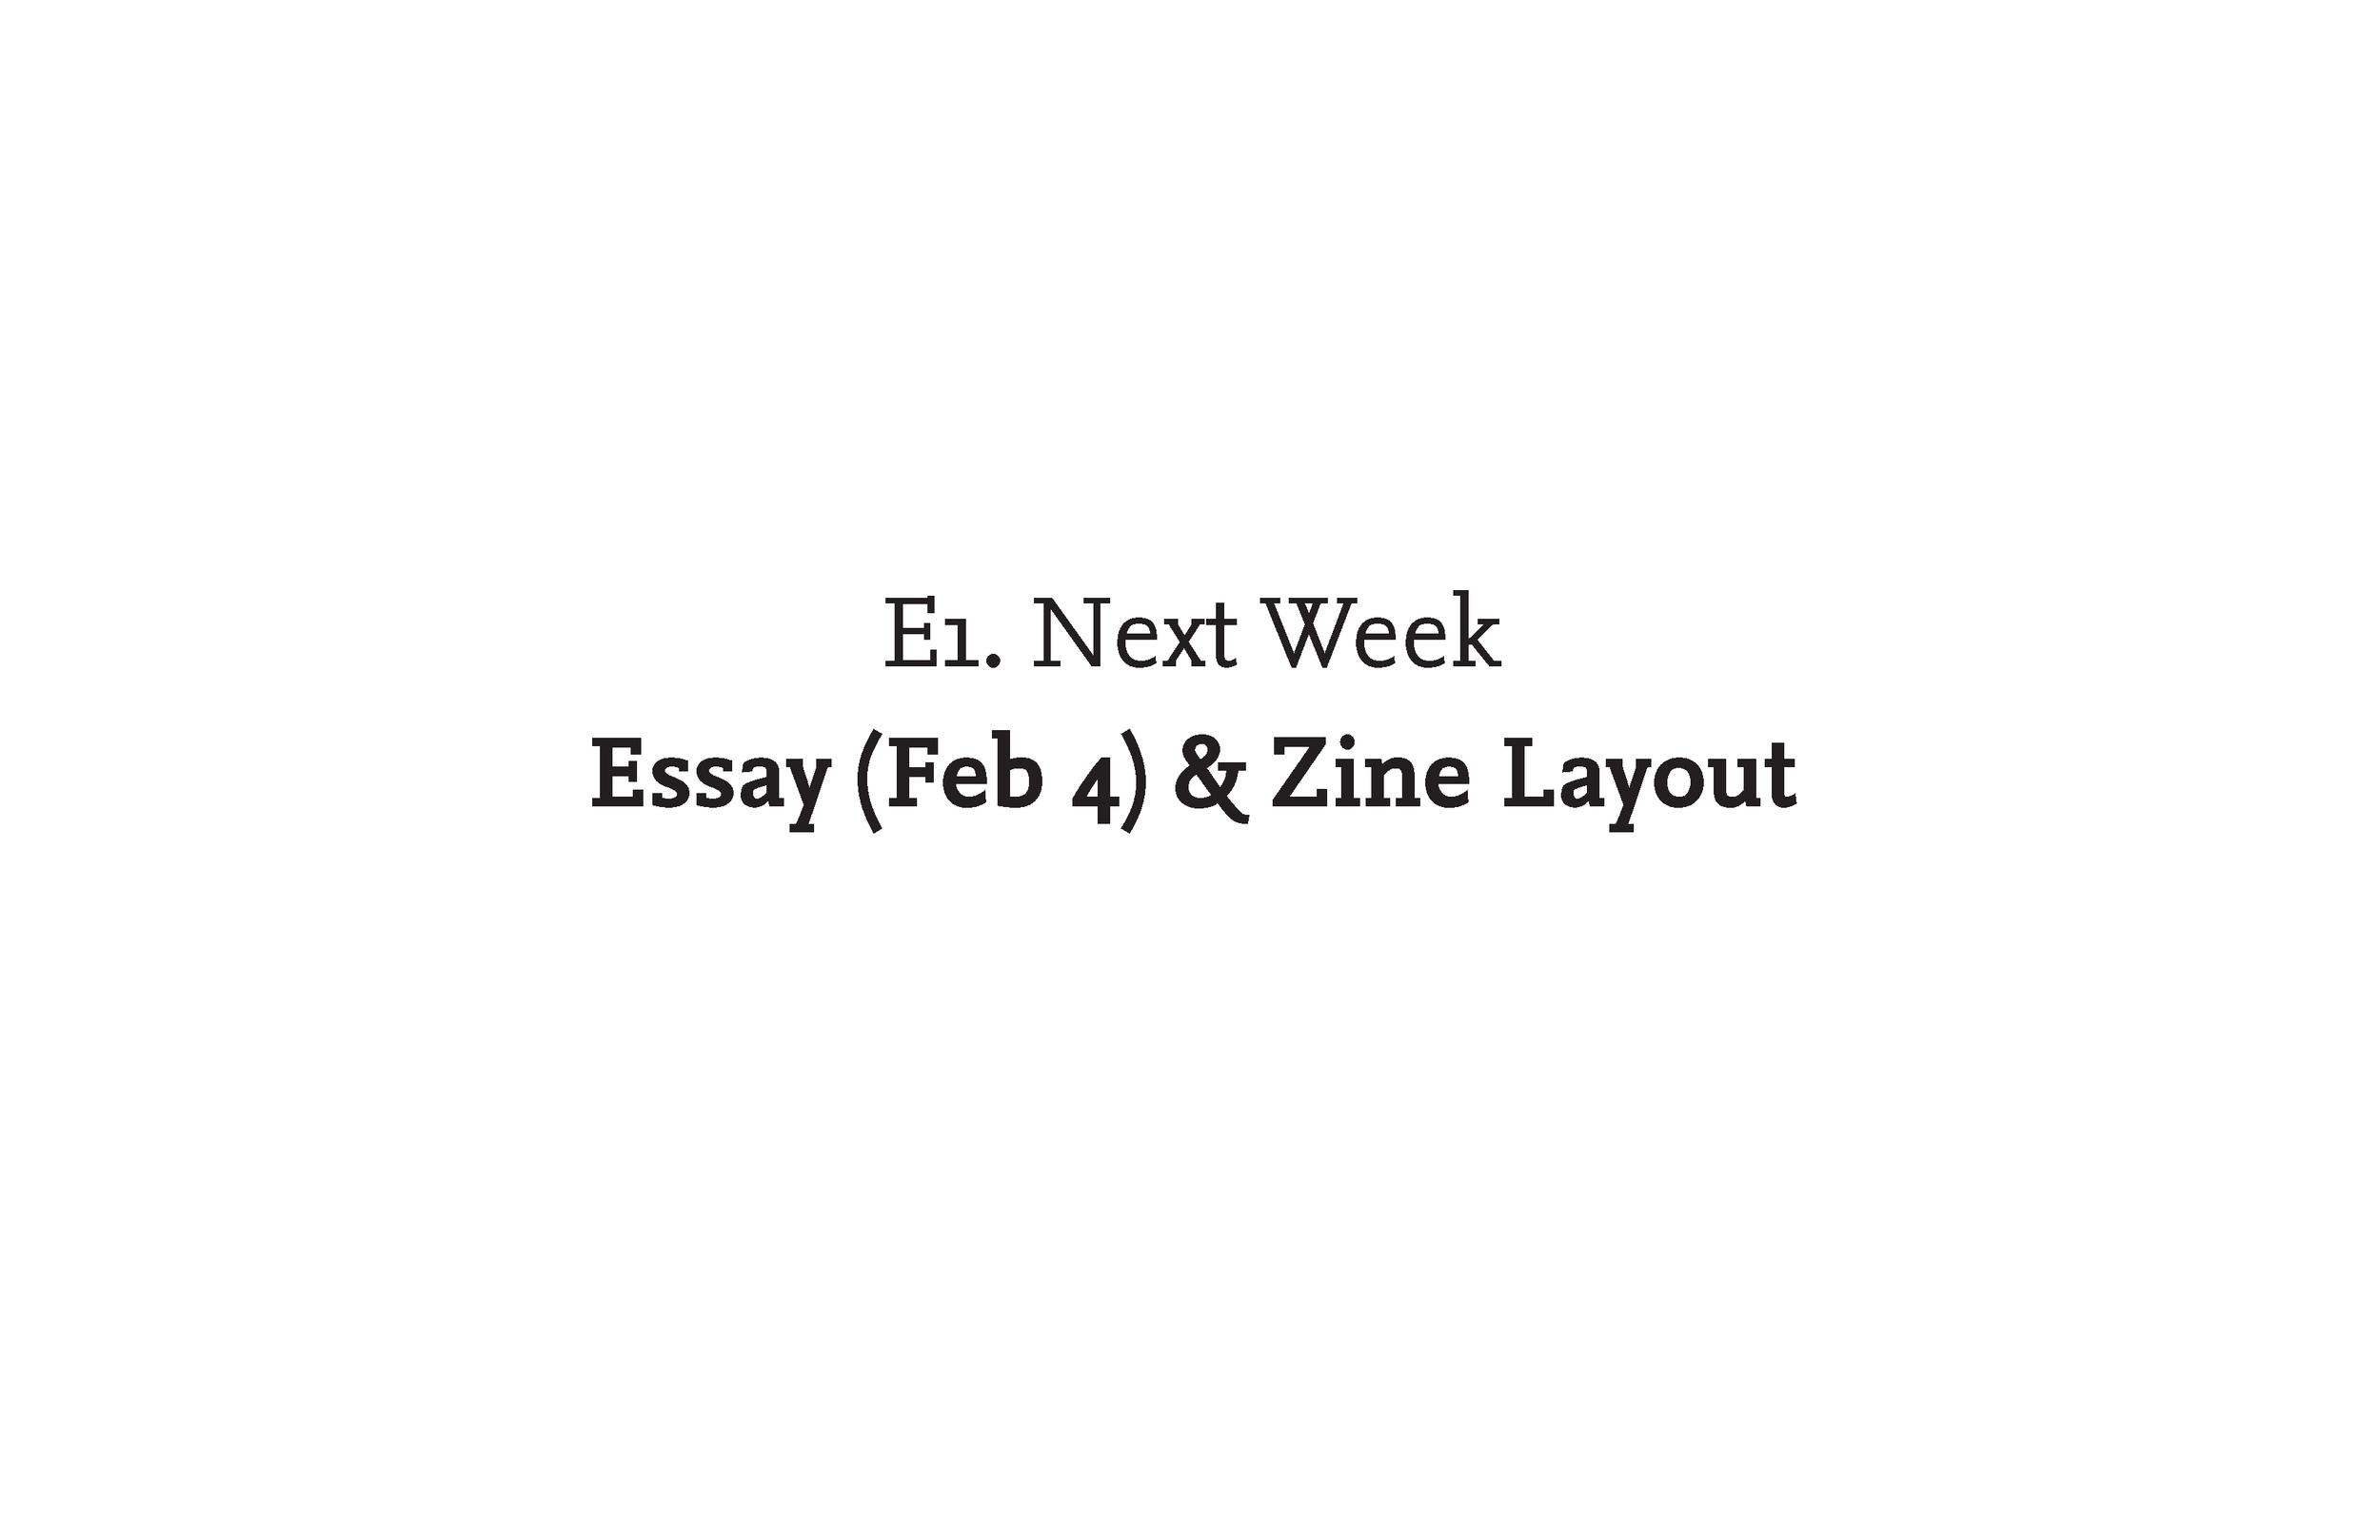 PEM_S19_Week_2_2_Page_79.png